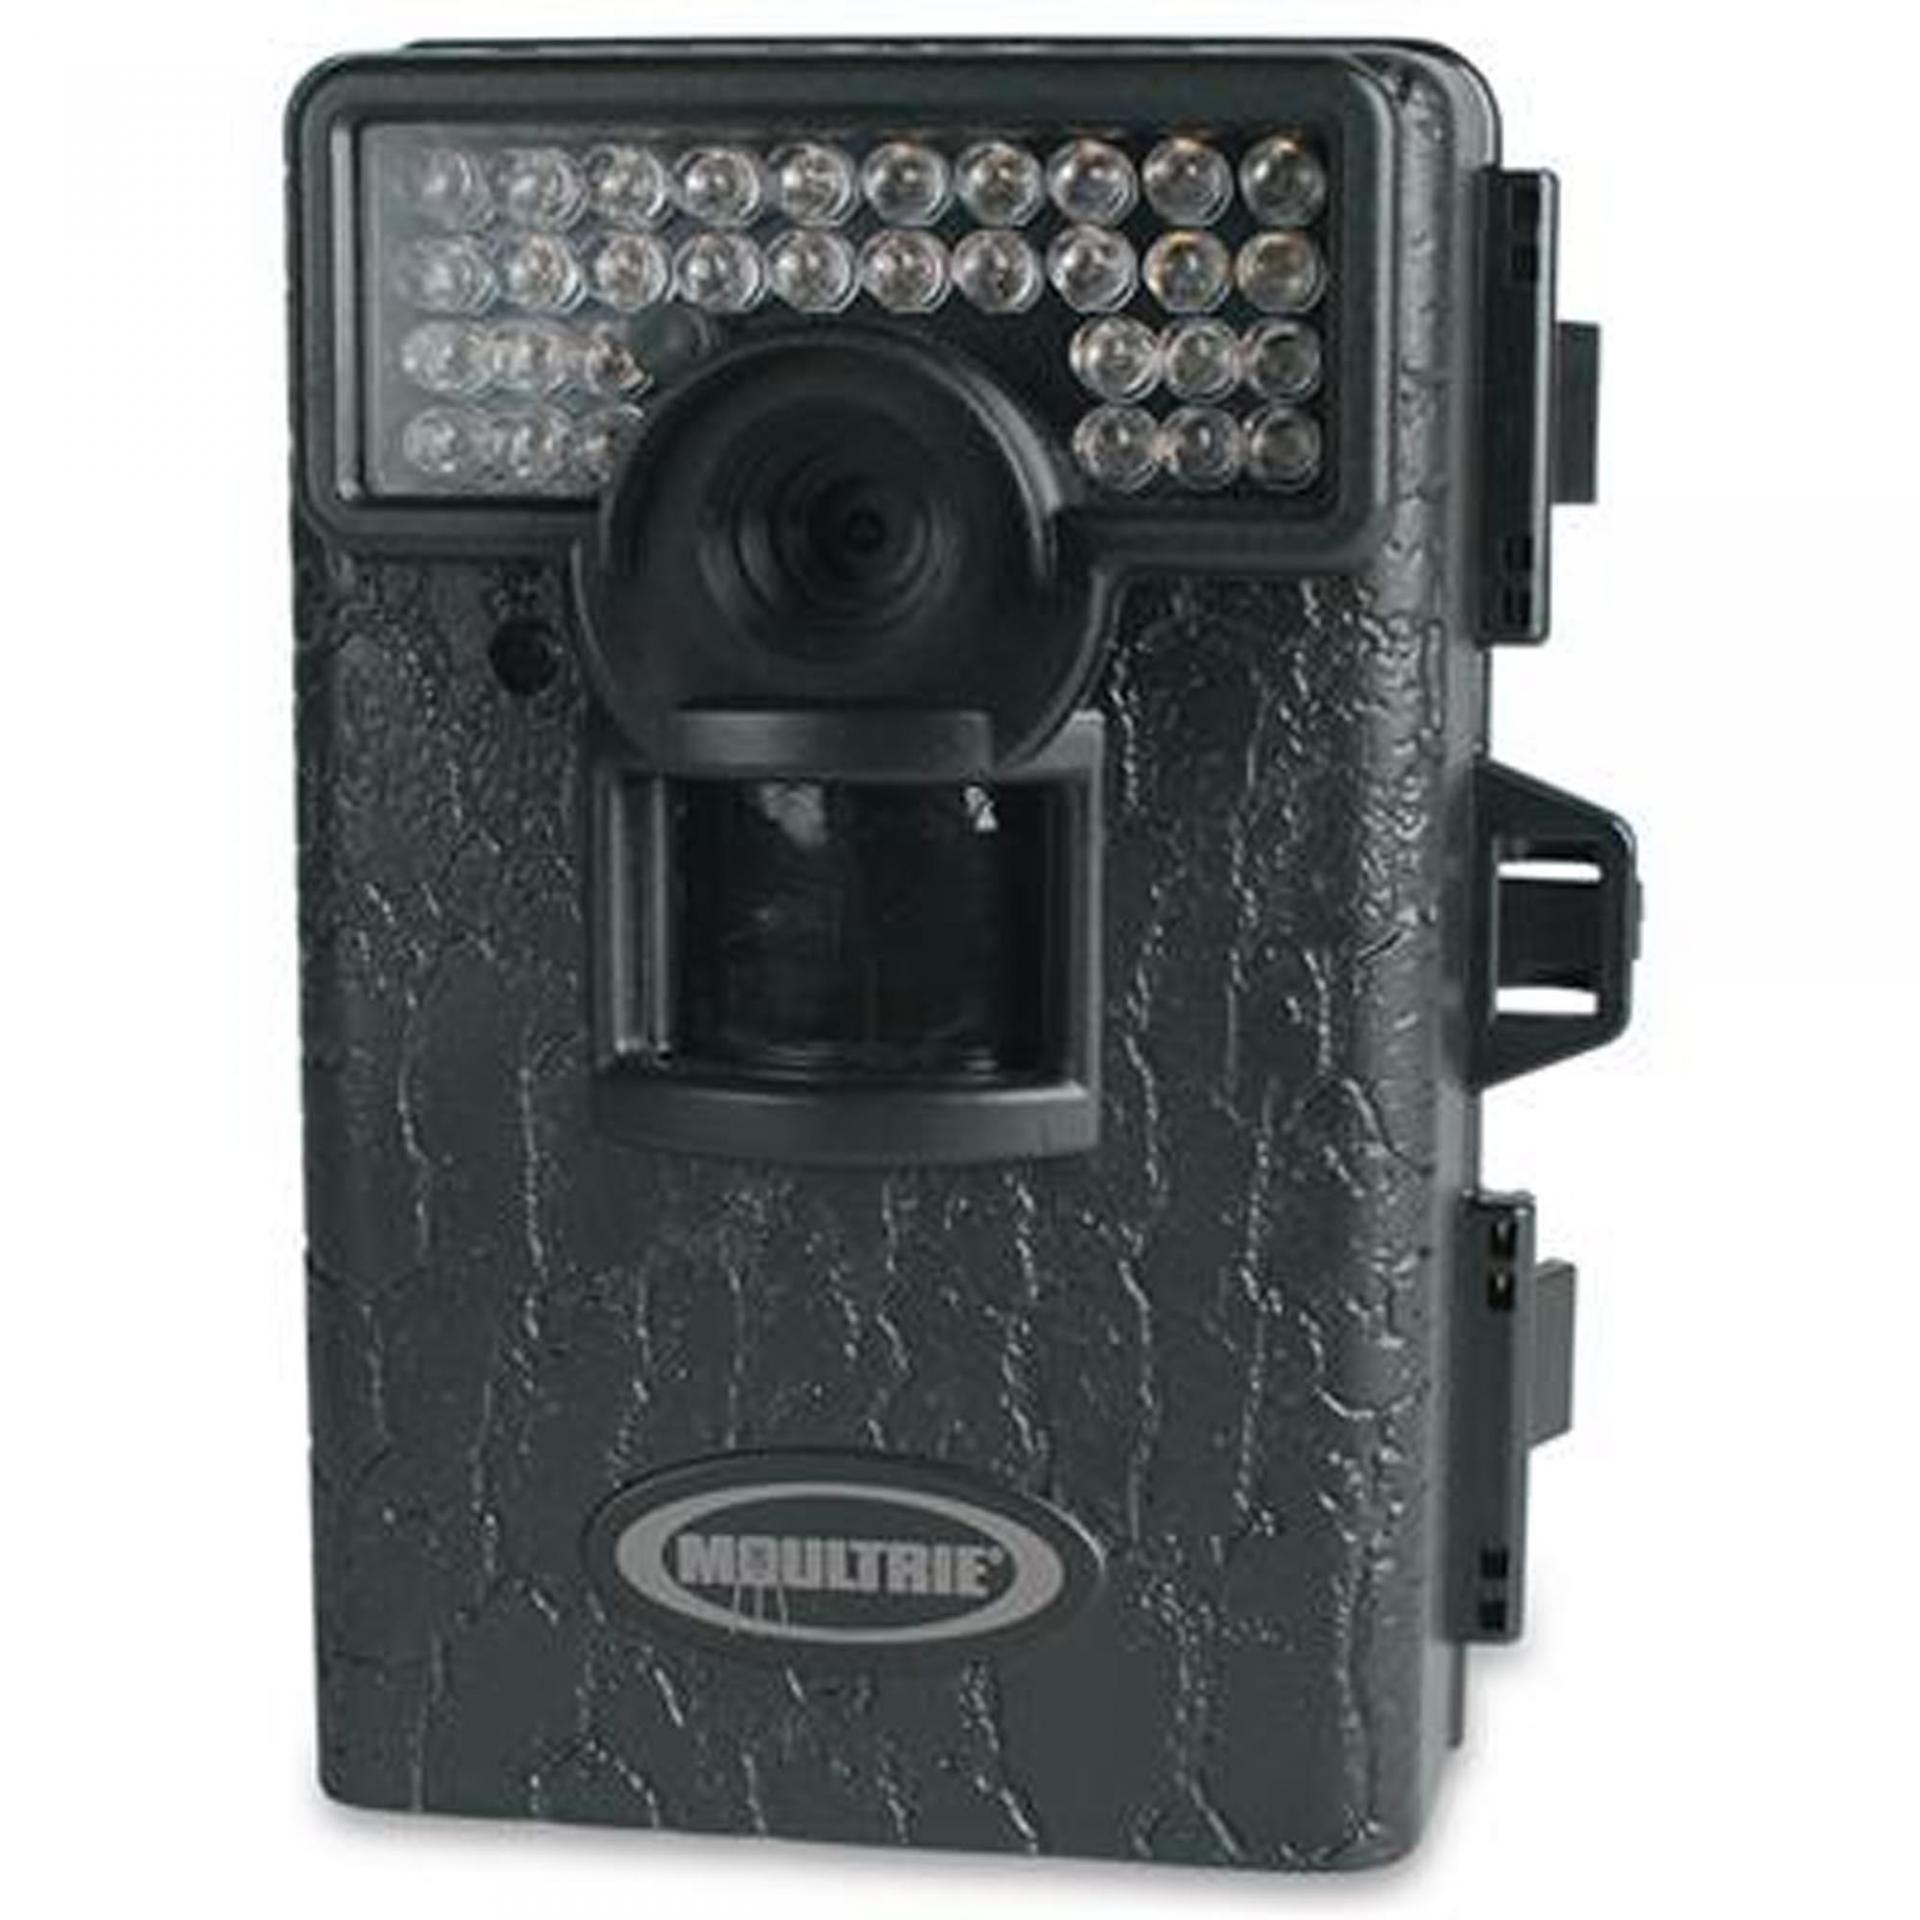 Appareil photo infrarouge de surveillance a de clenchement automatique 5 0 megapixel avec autonomie jusqu a 1 ans marque moultrie